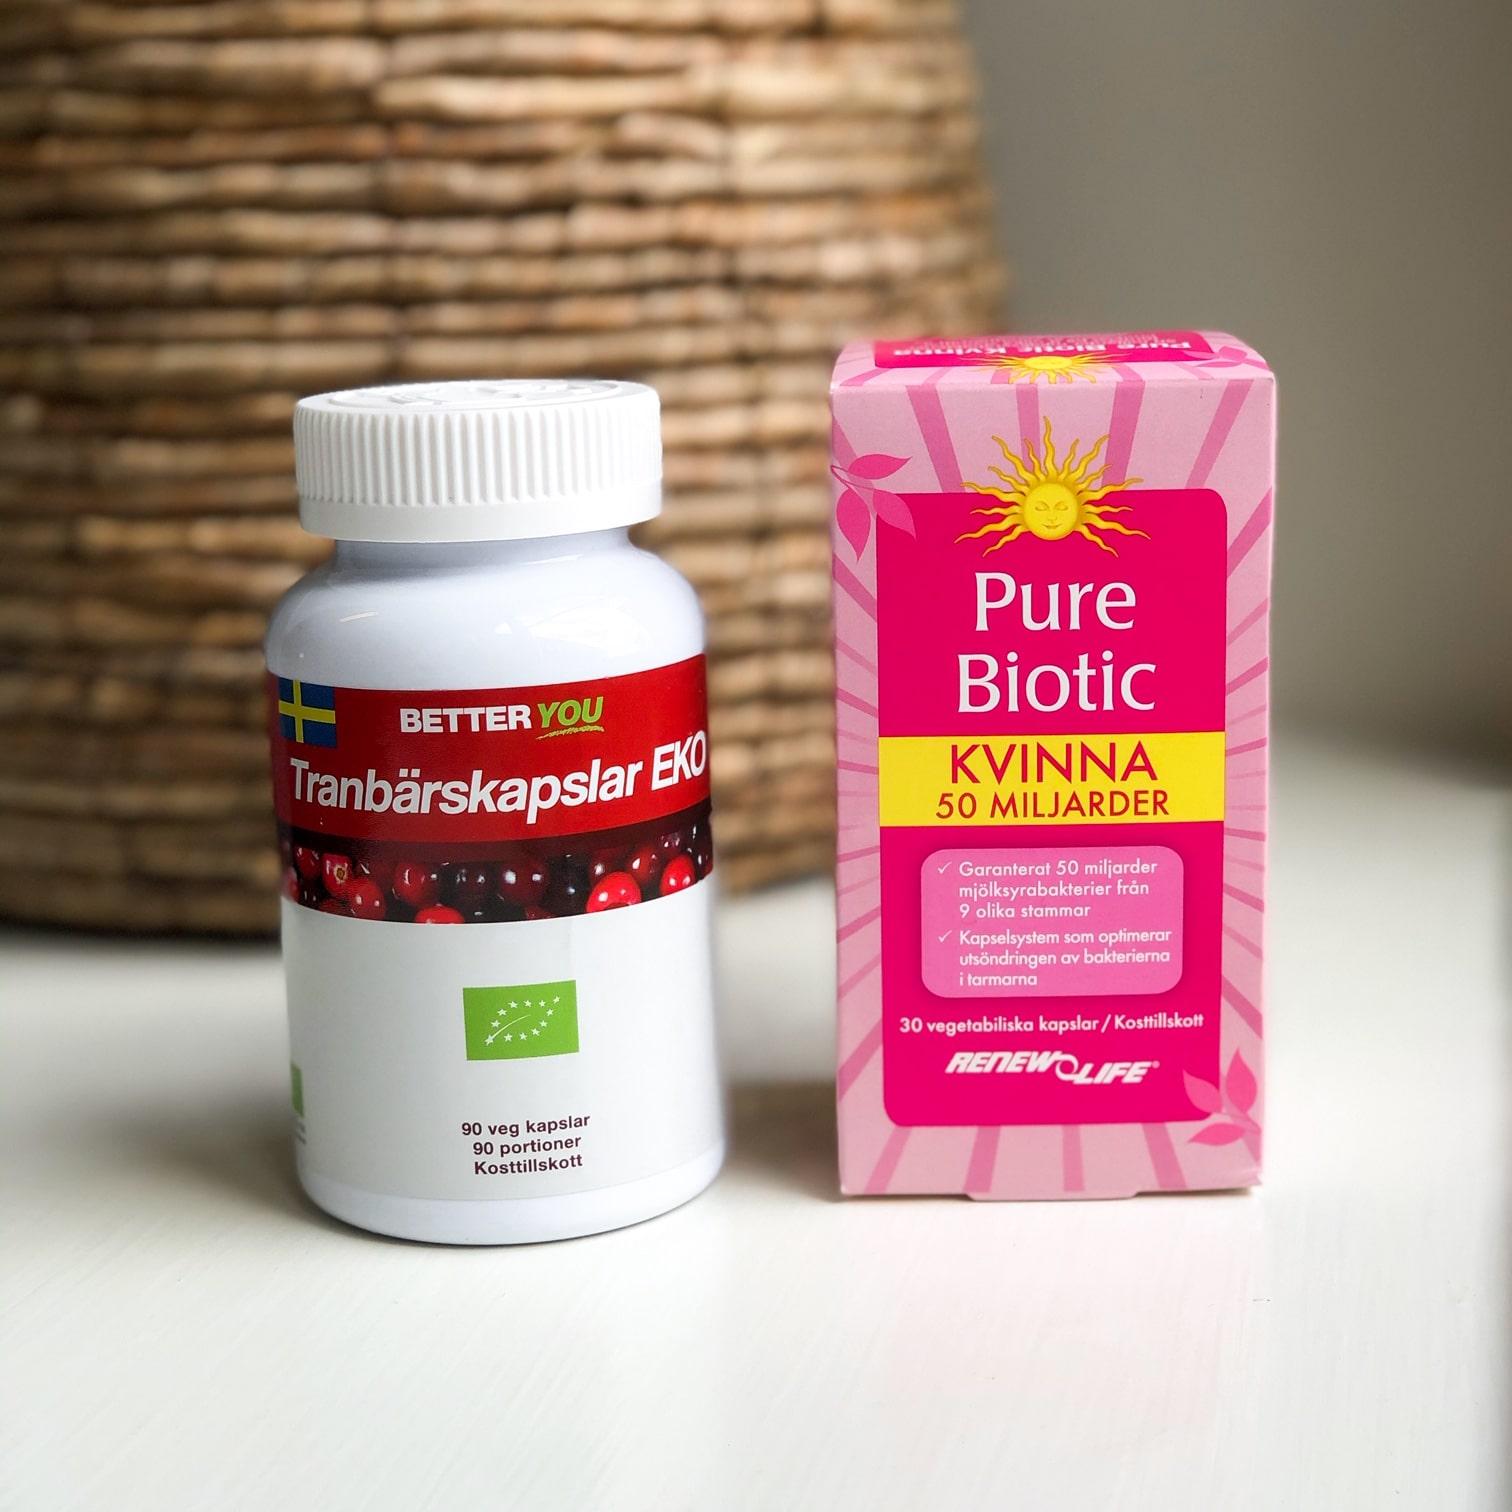 tranbärskapslar & Pure Biotic - Tossa slemhinnor